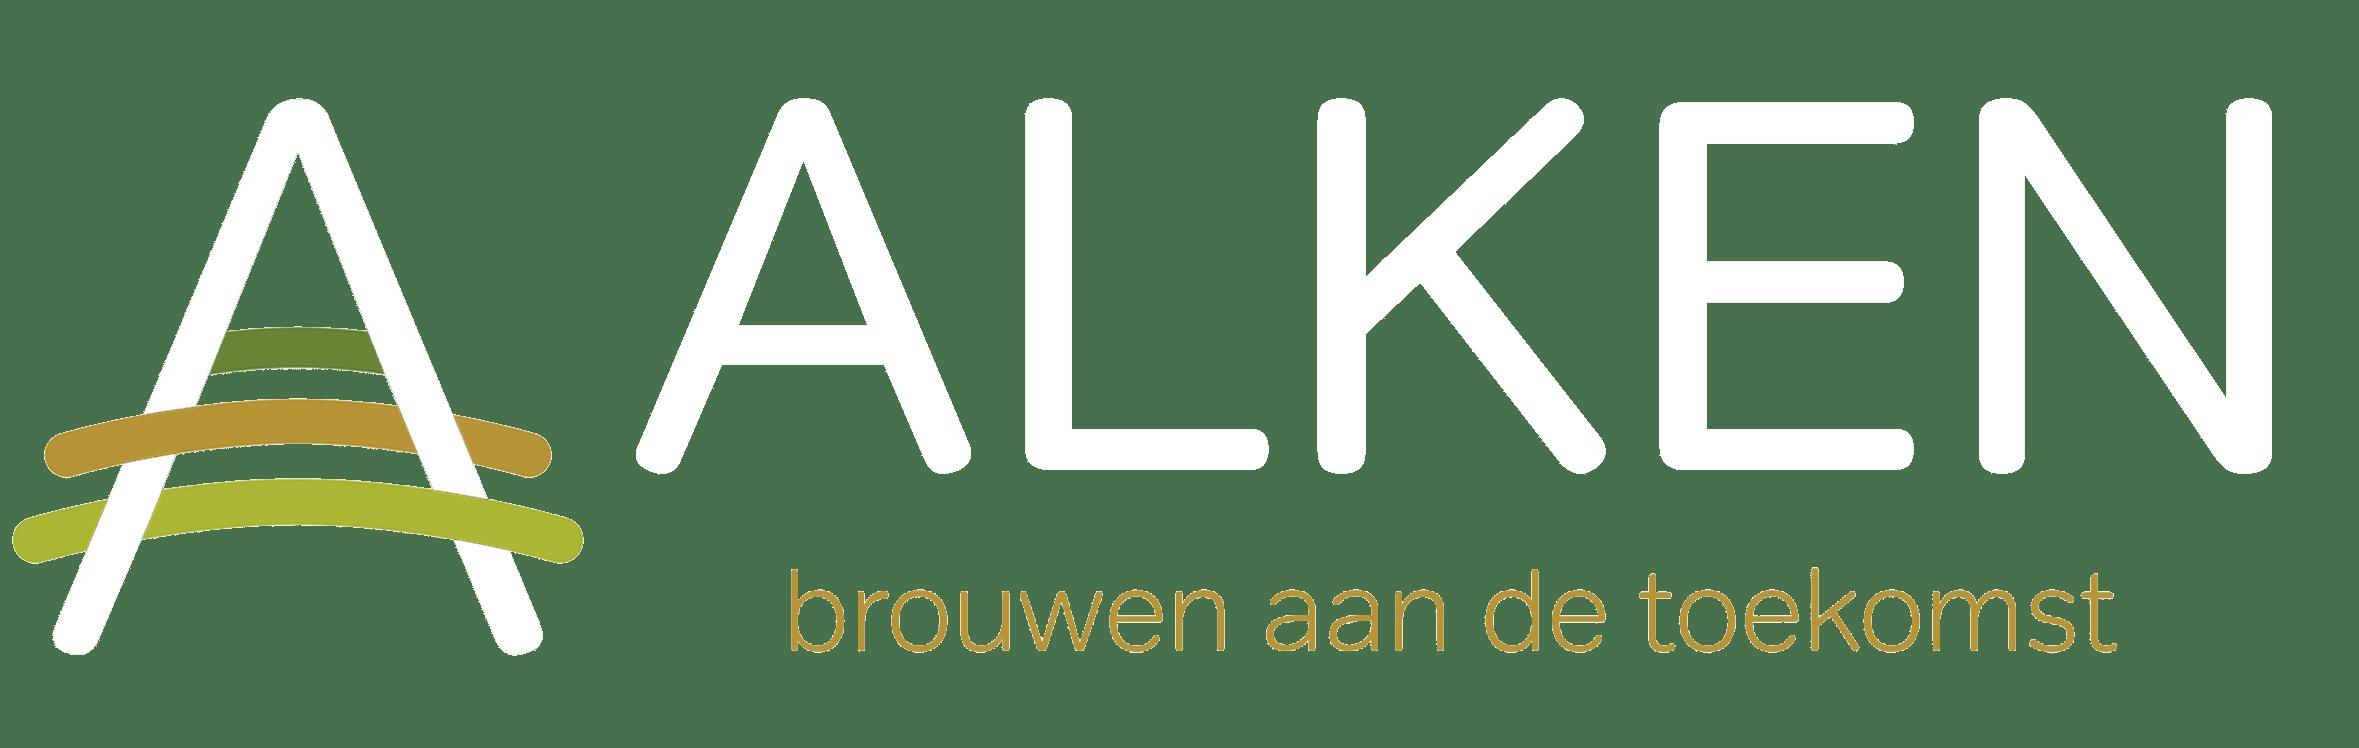 Alkenbon